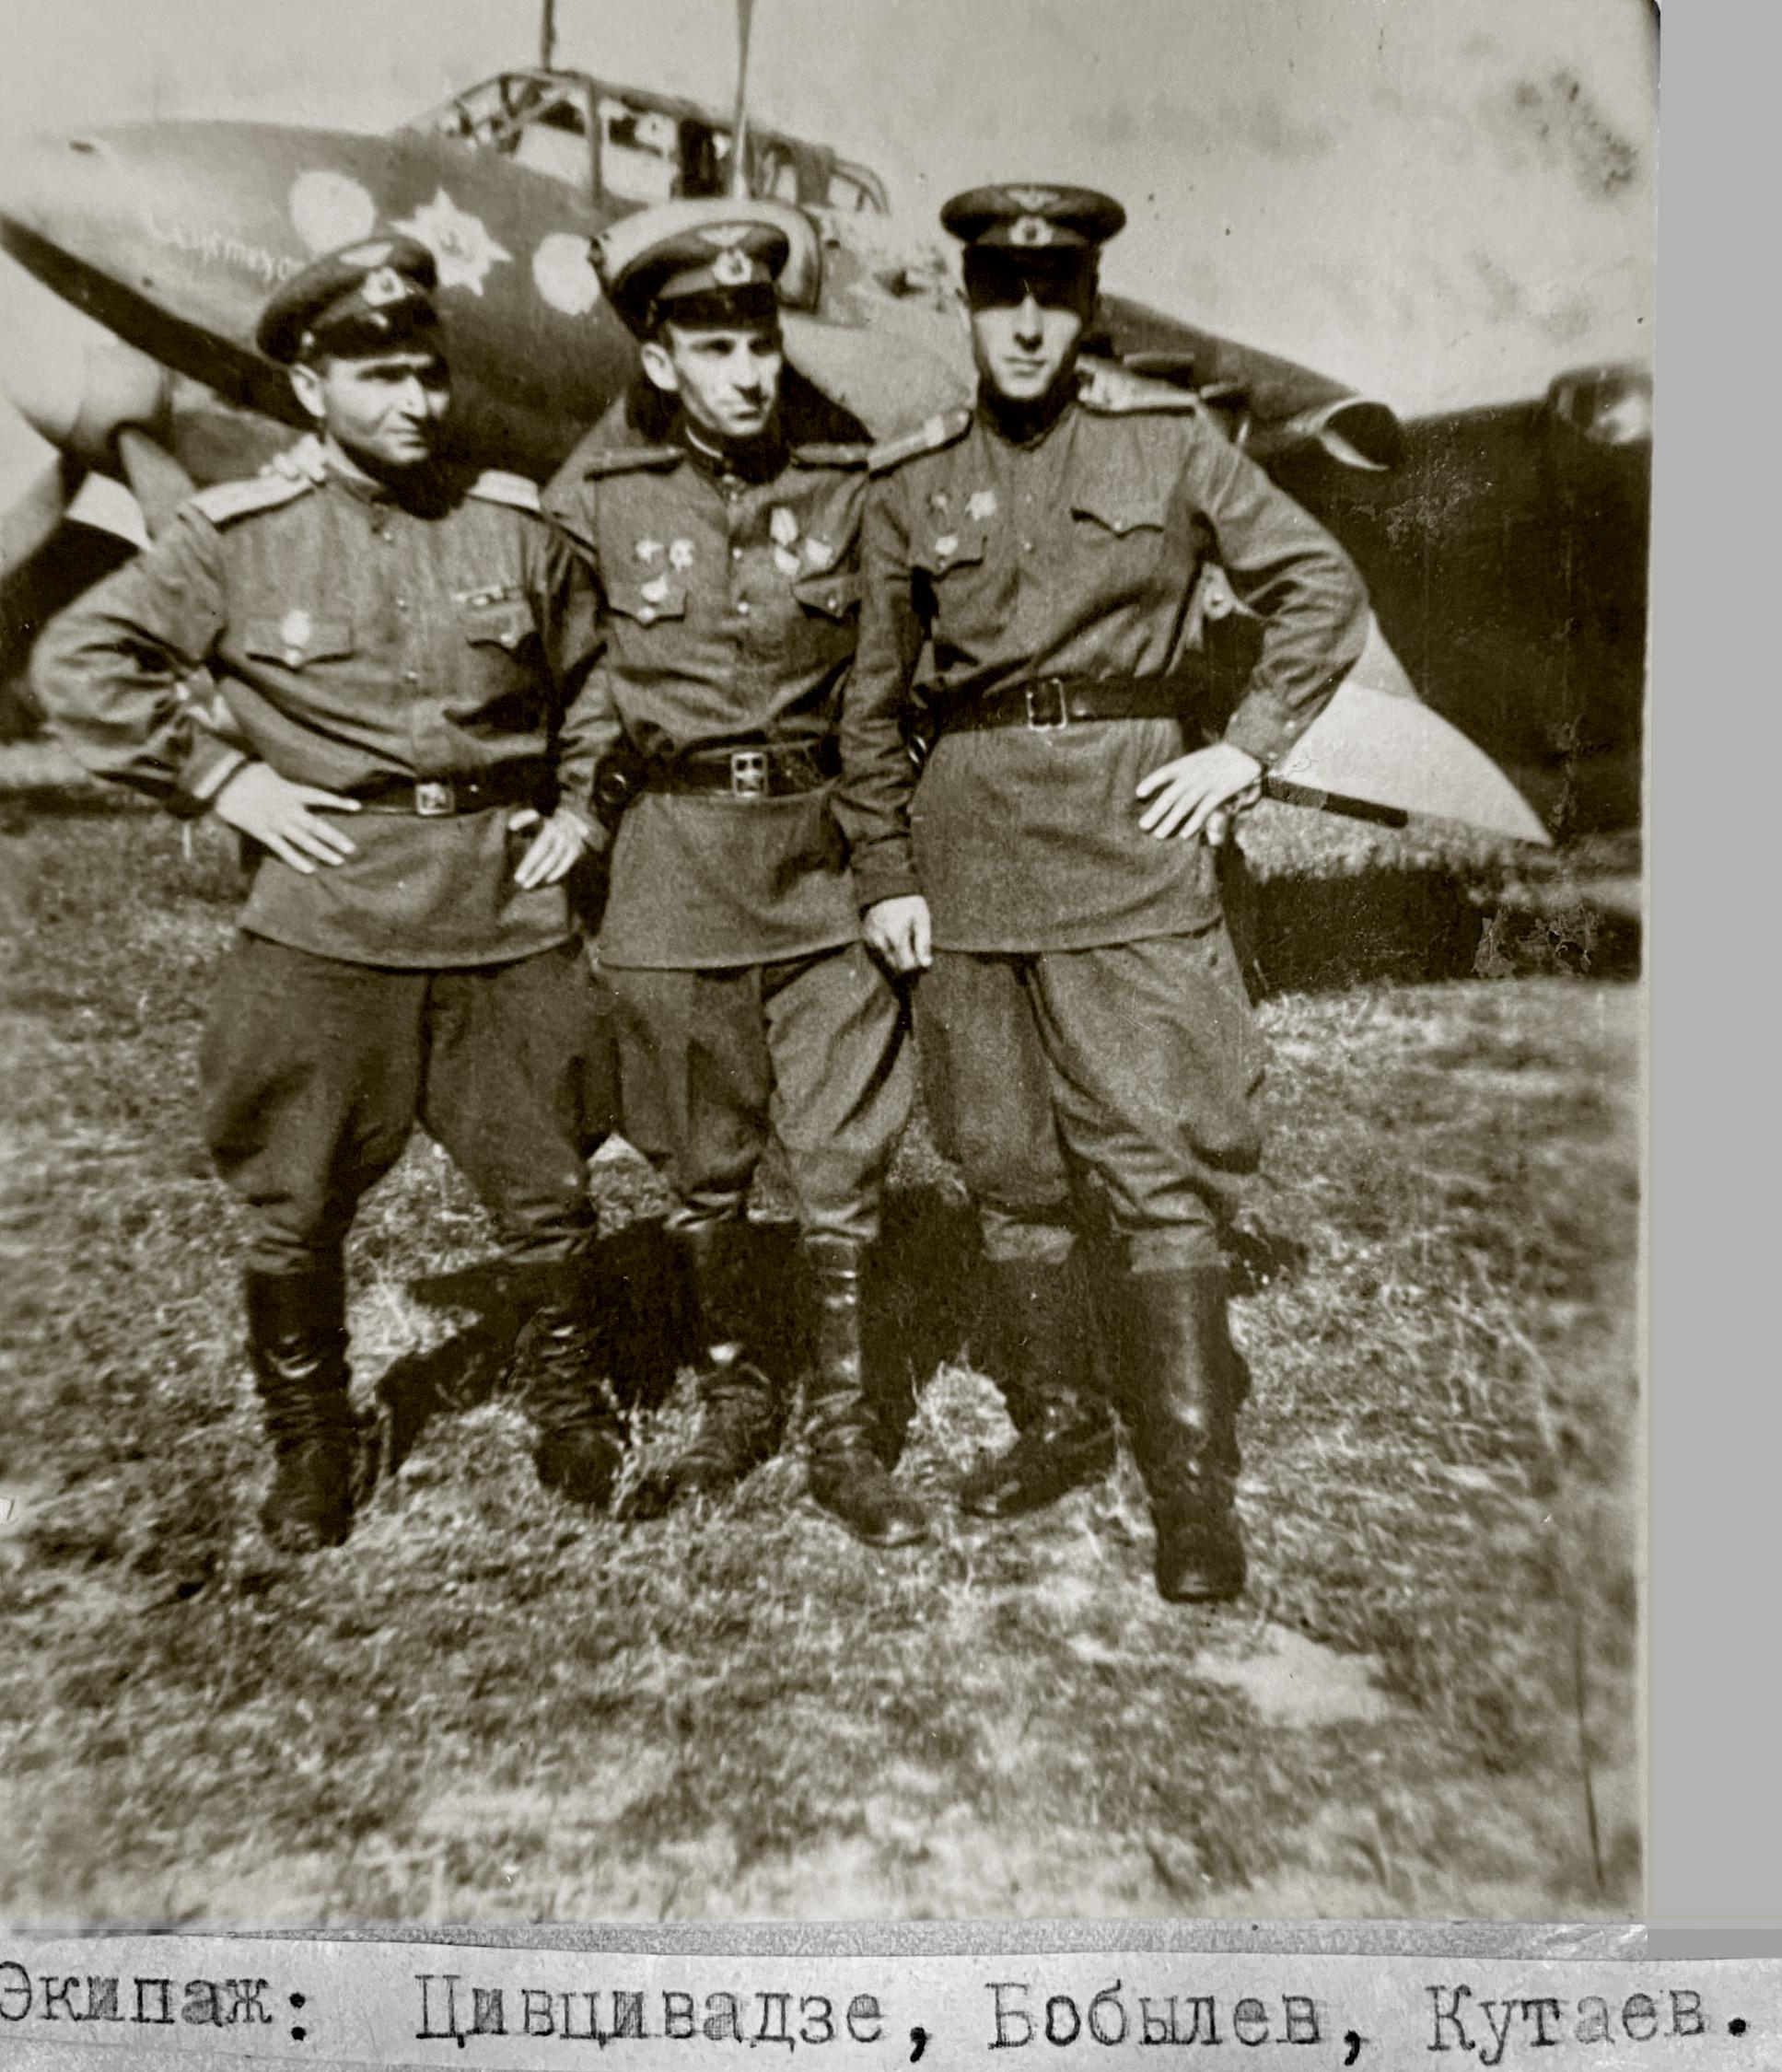 Petlyakov Pe 2 80GvBAP slogan Revenge for Polbin with crew Zaitsev,Serbin and Serebrennikov 01